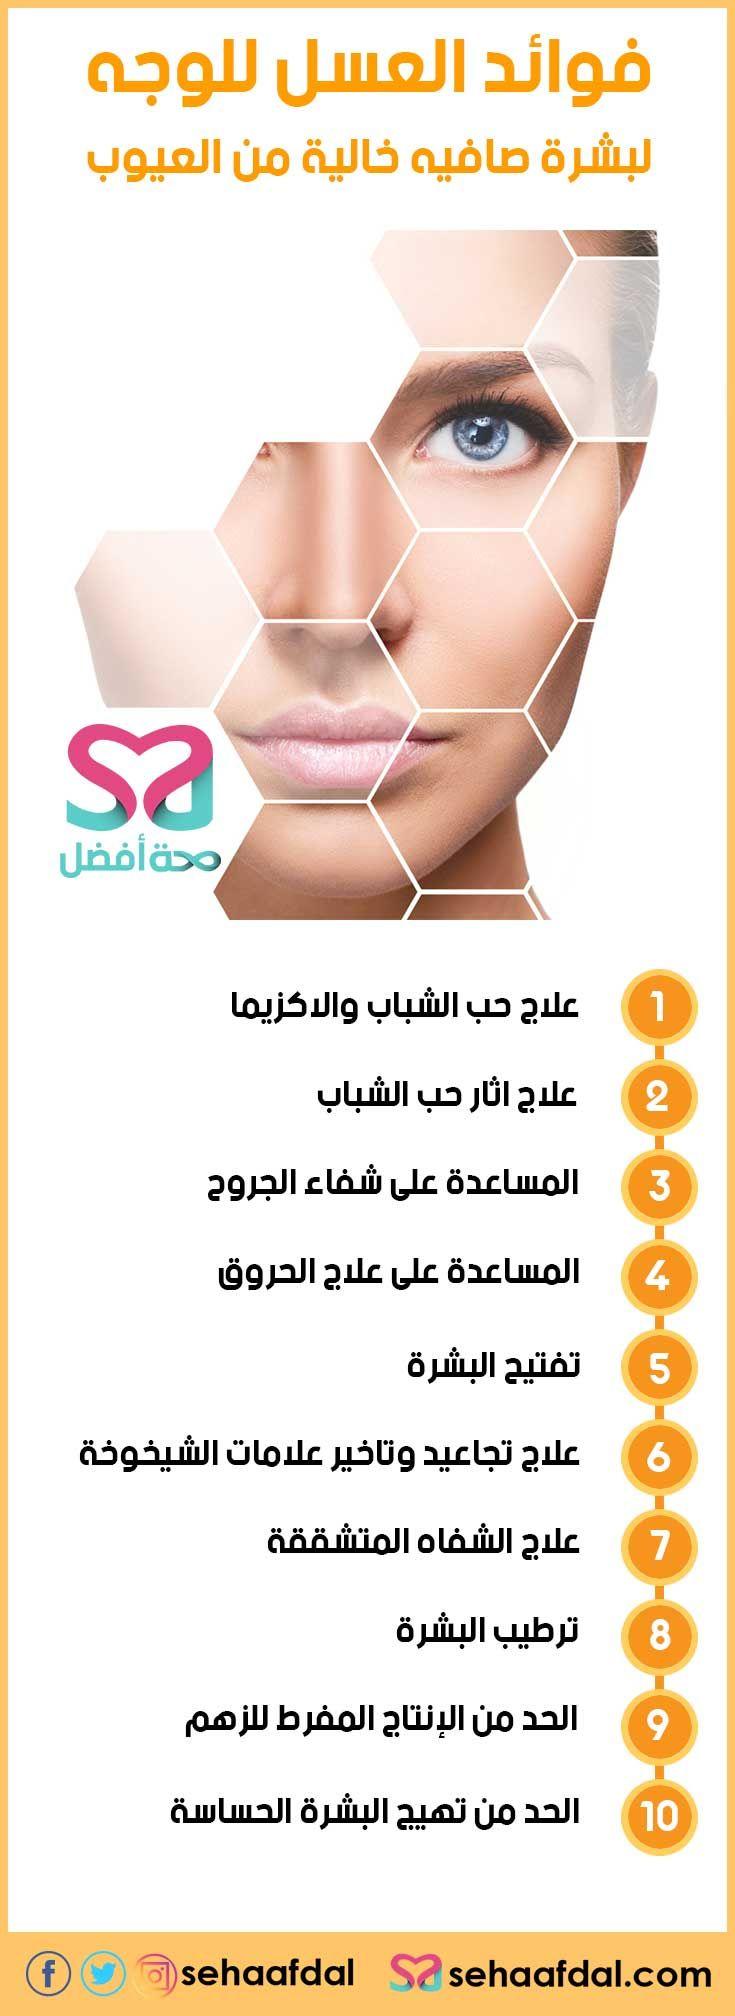 فوائد العسل للوجه وكيفية استخدامه لبشرة صافيه خالية من العيوب Beauty Care Skin Care Hair Growth Diy